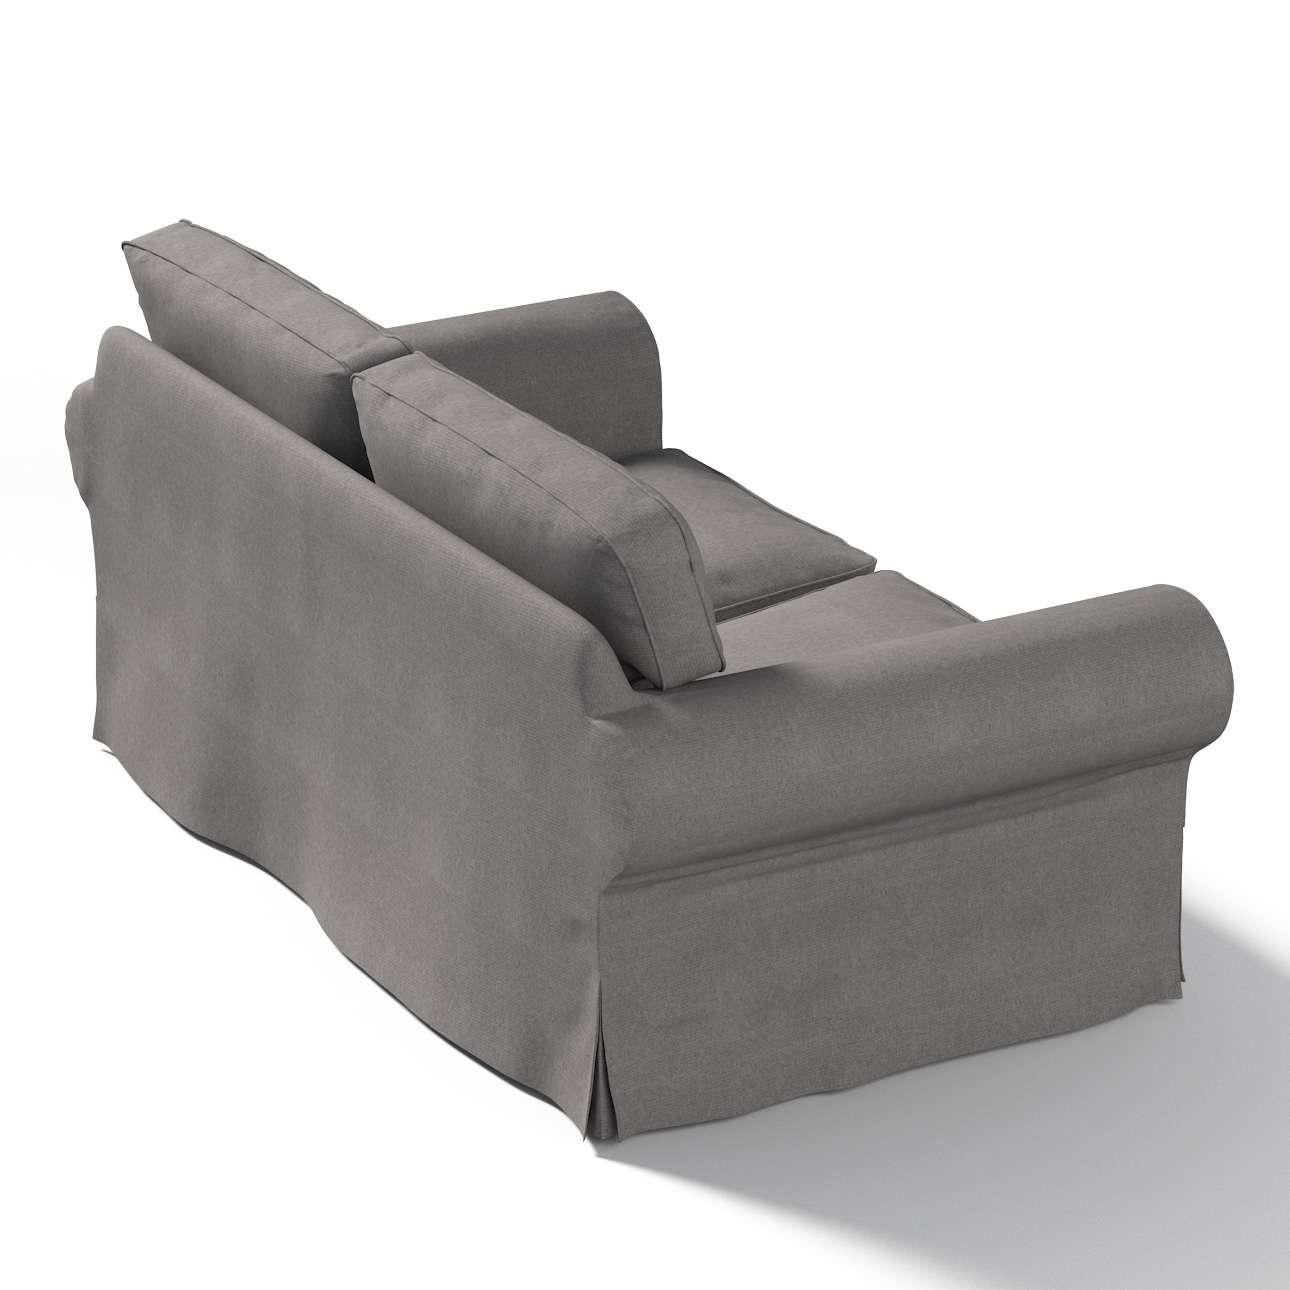 Pokrowiec na sofę Ektorp 2-osobową, nierozkładaną Sofa Ektorp 2-osobowa w kolekcji Etna , tkanina: 705-35